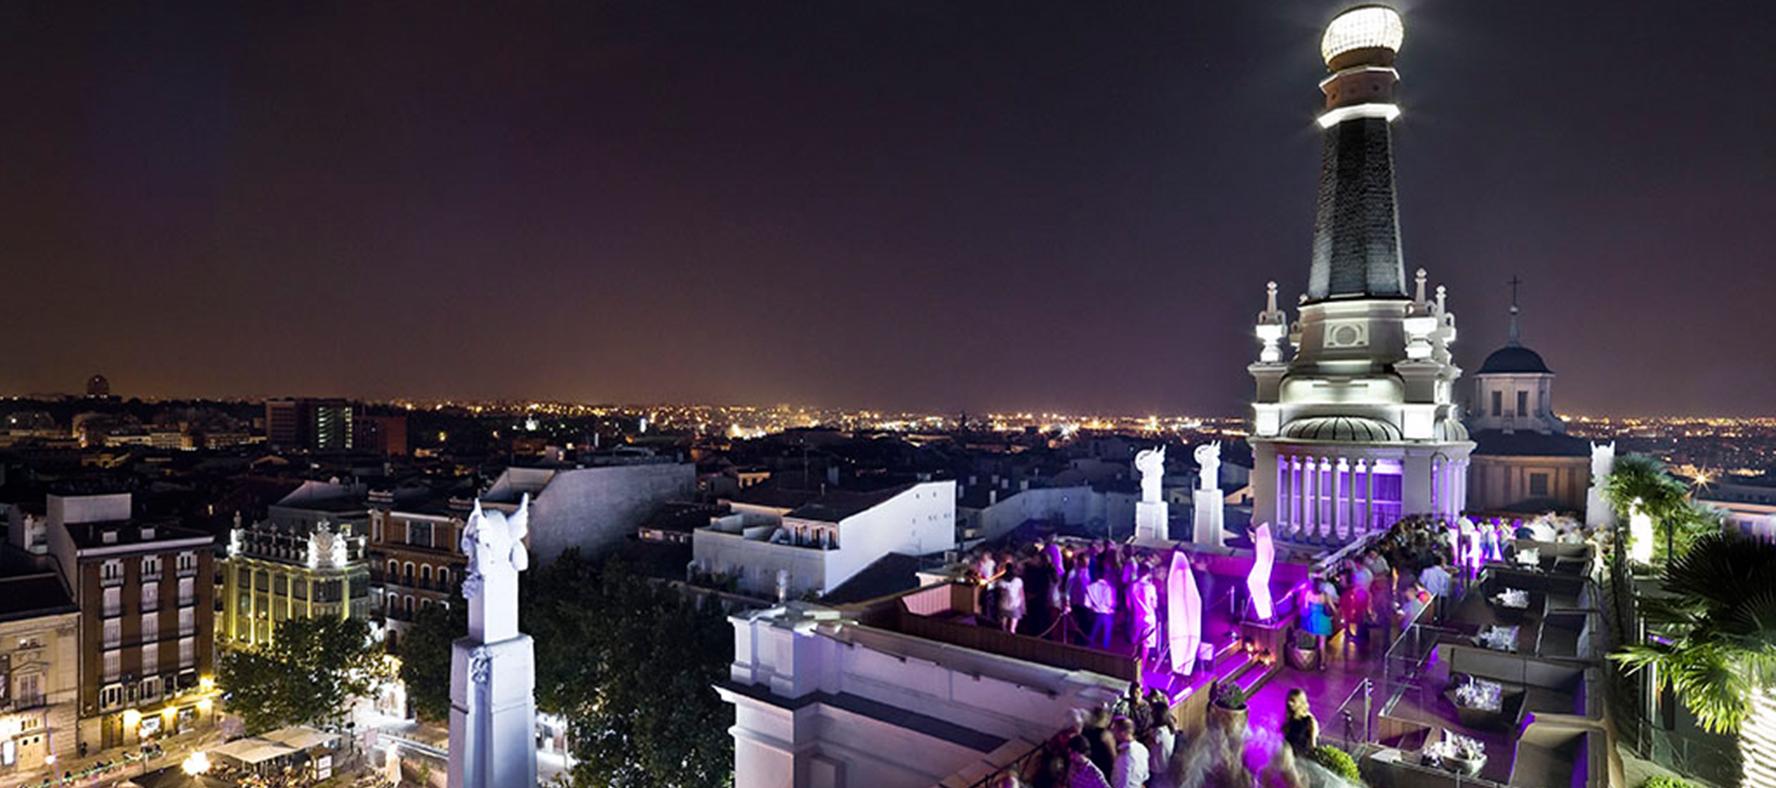 En busca del hotel perfecto madrid tema semiserio - Hotel only you en madrid ...